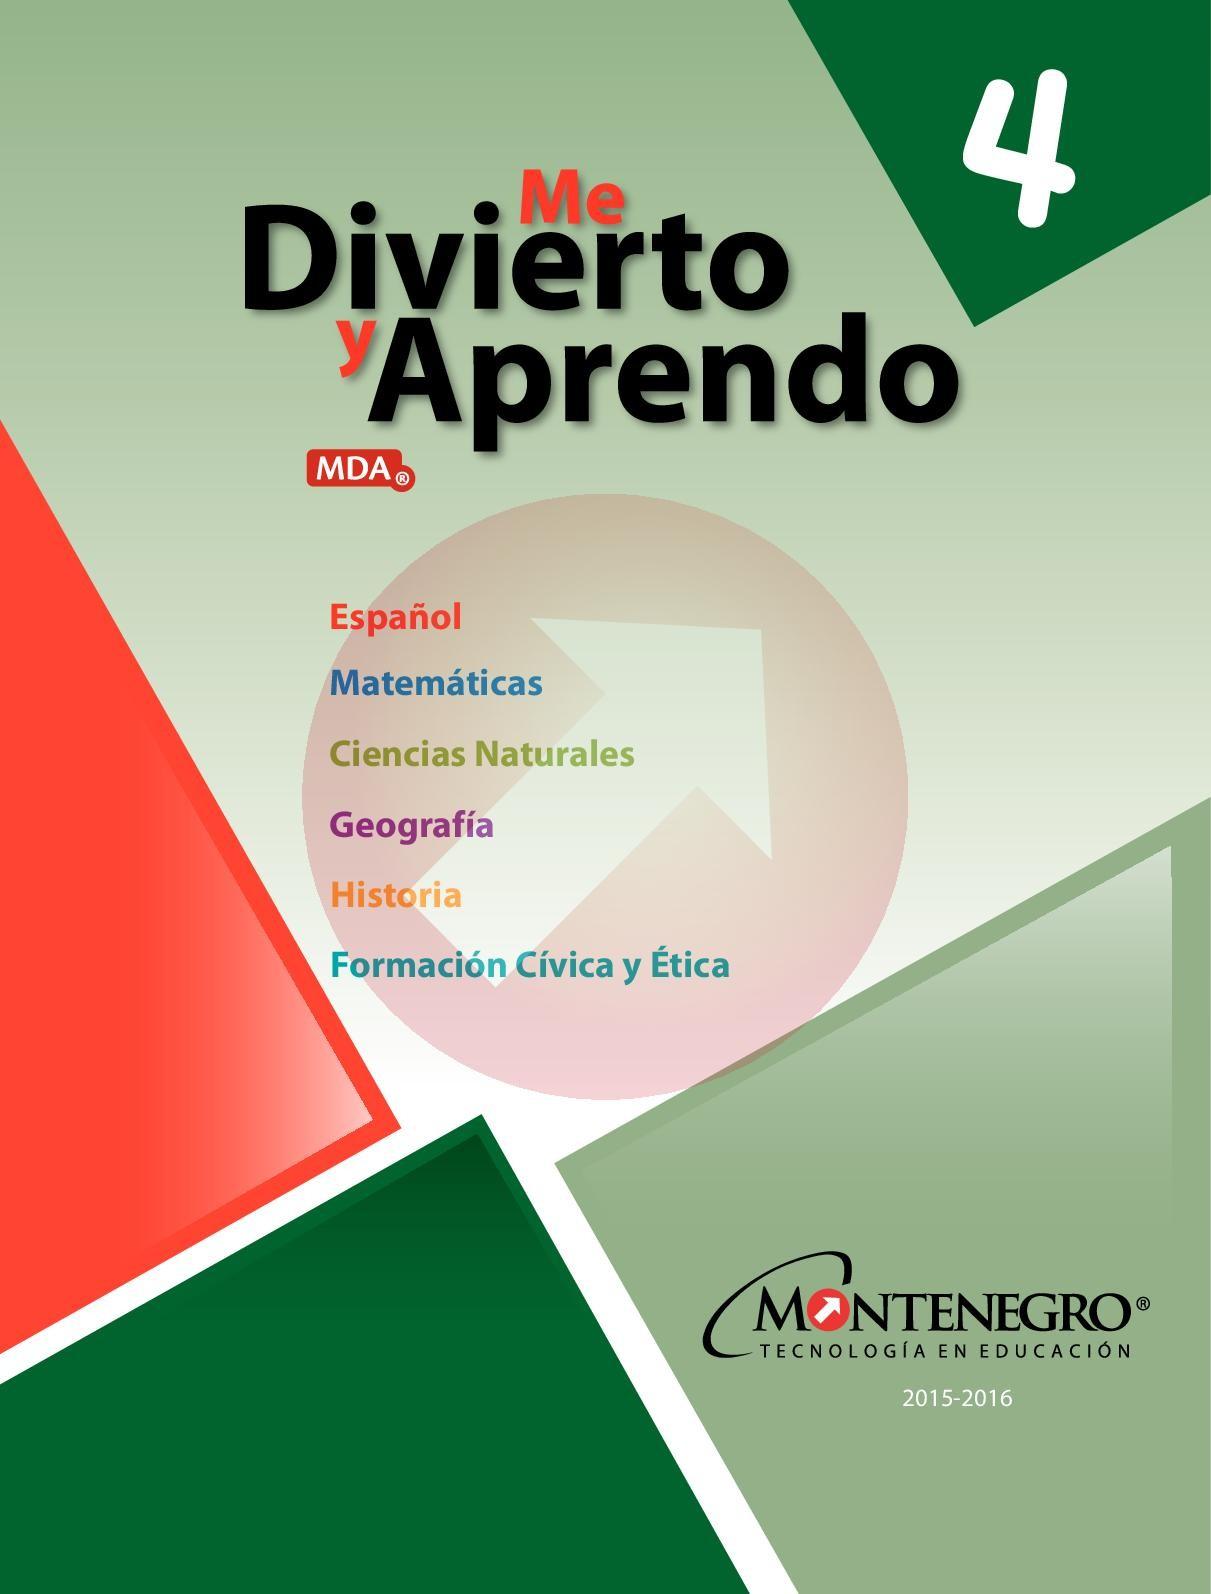 Calendario 2020 Con Festivos Guatemala Más Recientemente Liberado Calaméo 4 Maestro Of Calendario 2020 Con Festivos Guatemala Actual top 12 Calendario Mes De Septiembre Y Octubre 2019